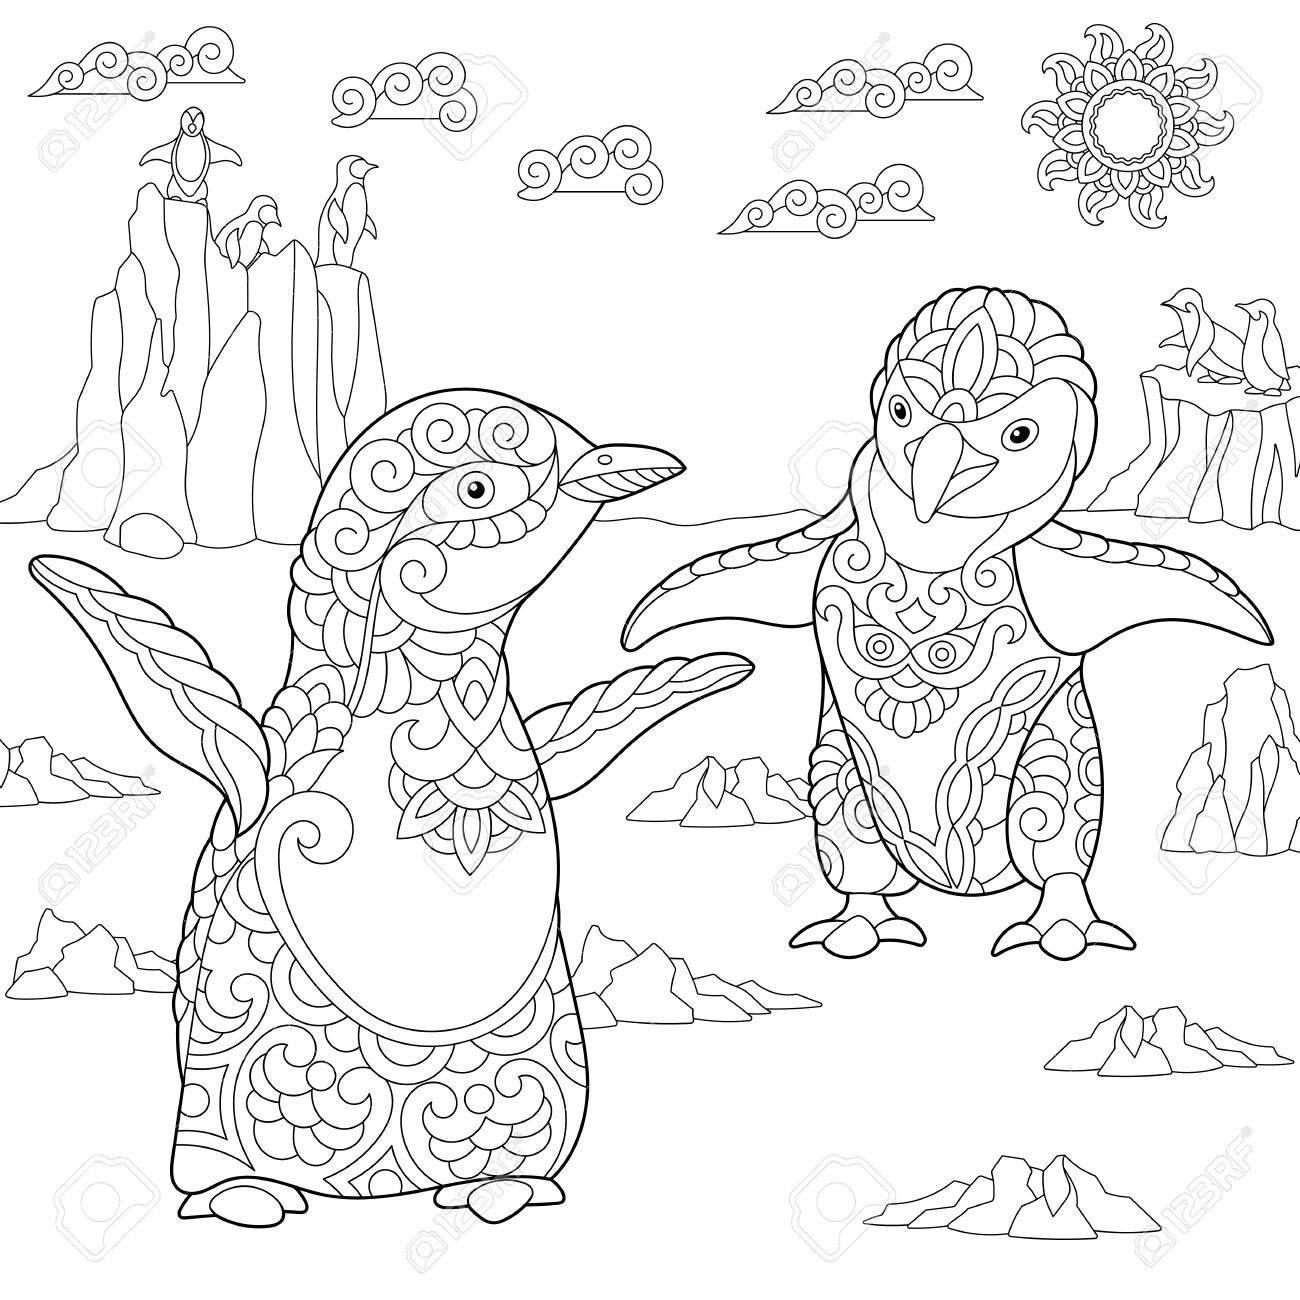 Dibujo Para Colorear De Pingüinos Jóvenes Entre El Paisaje ártico ...